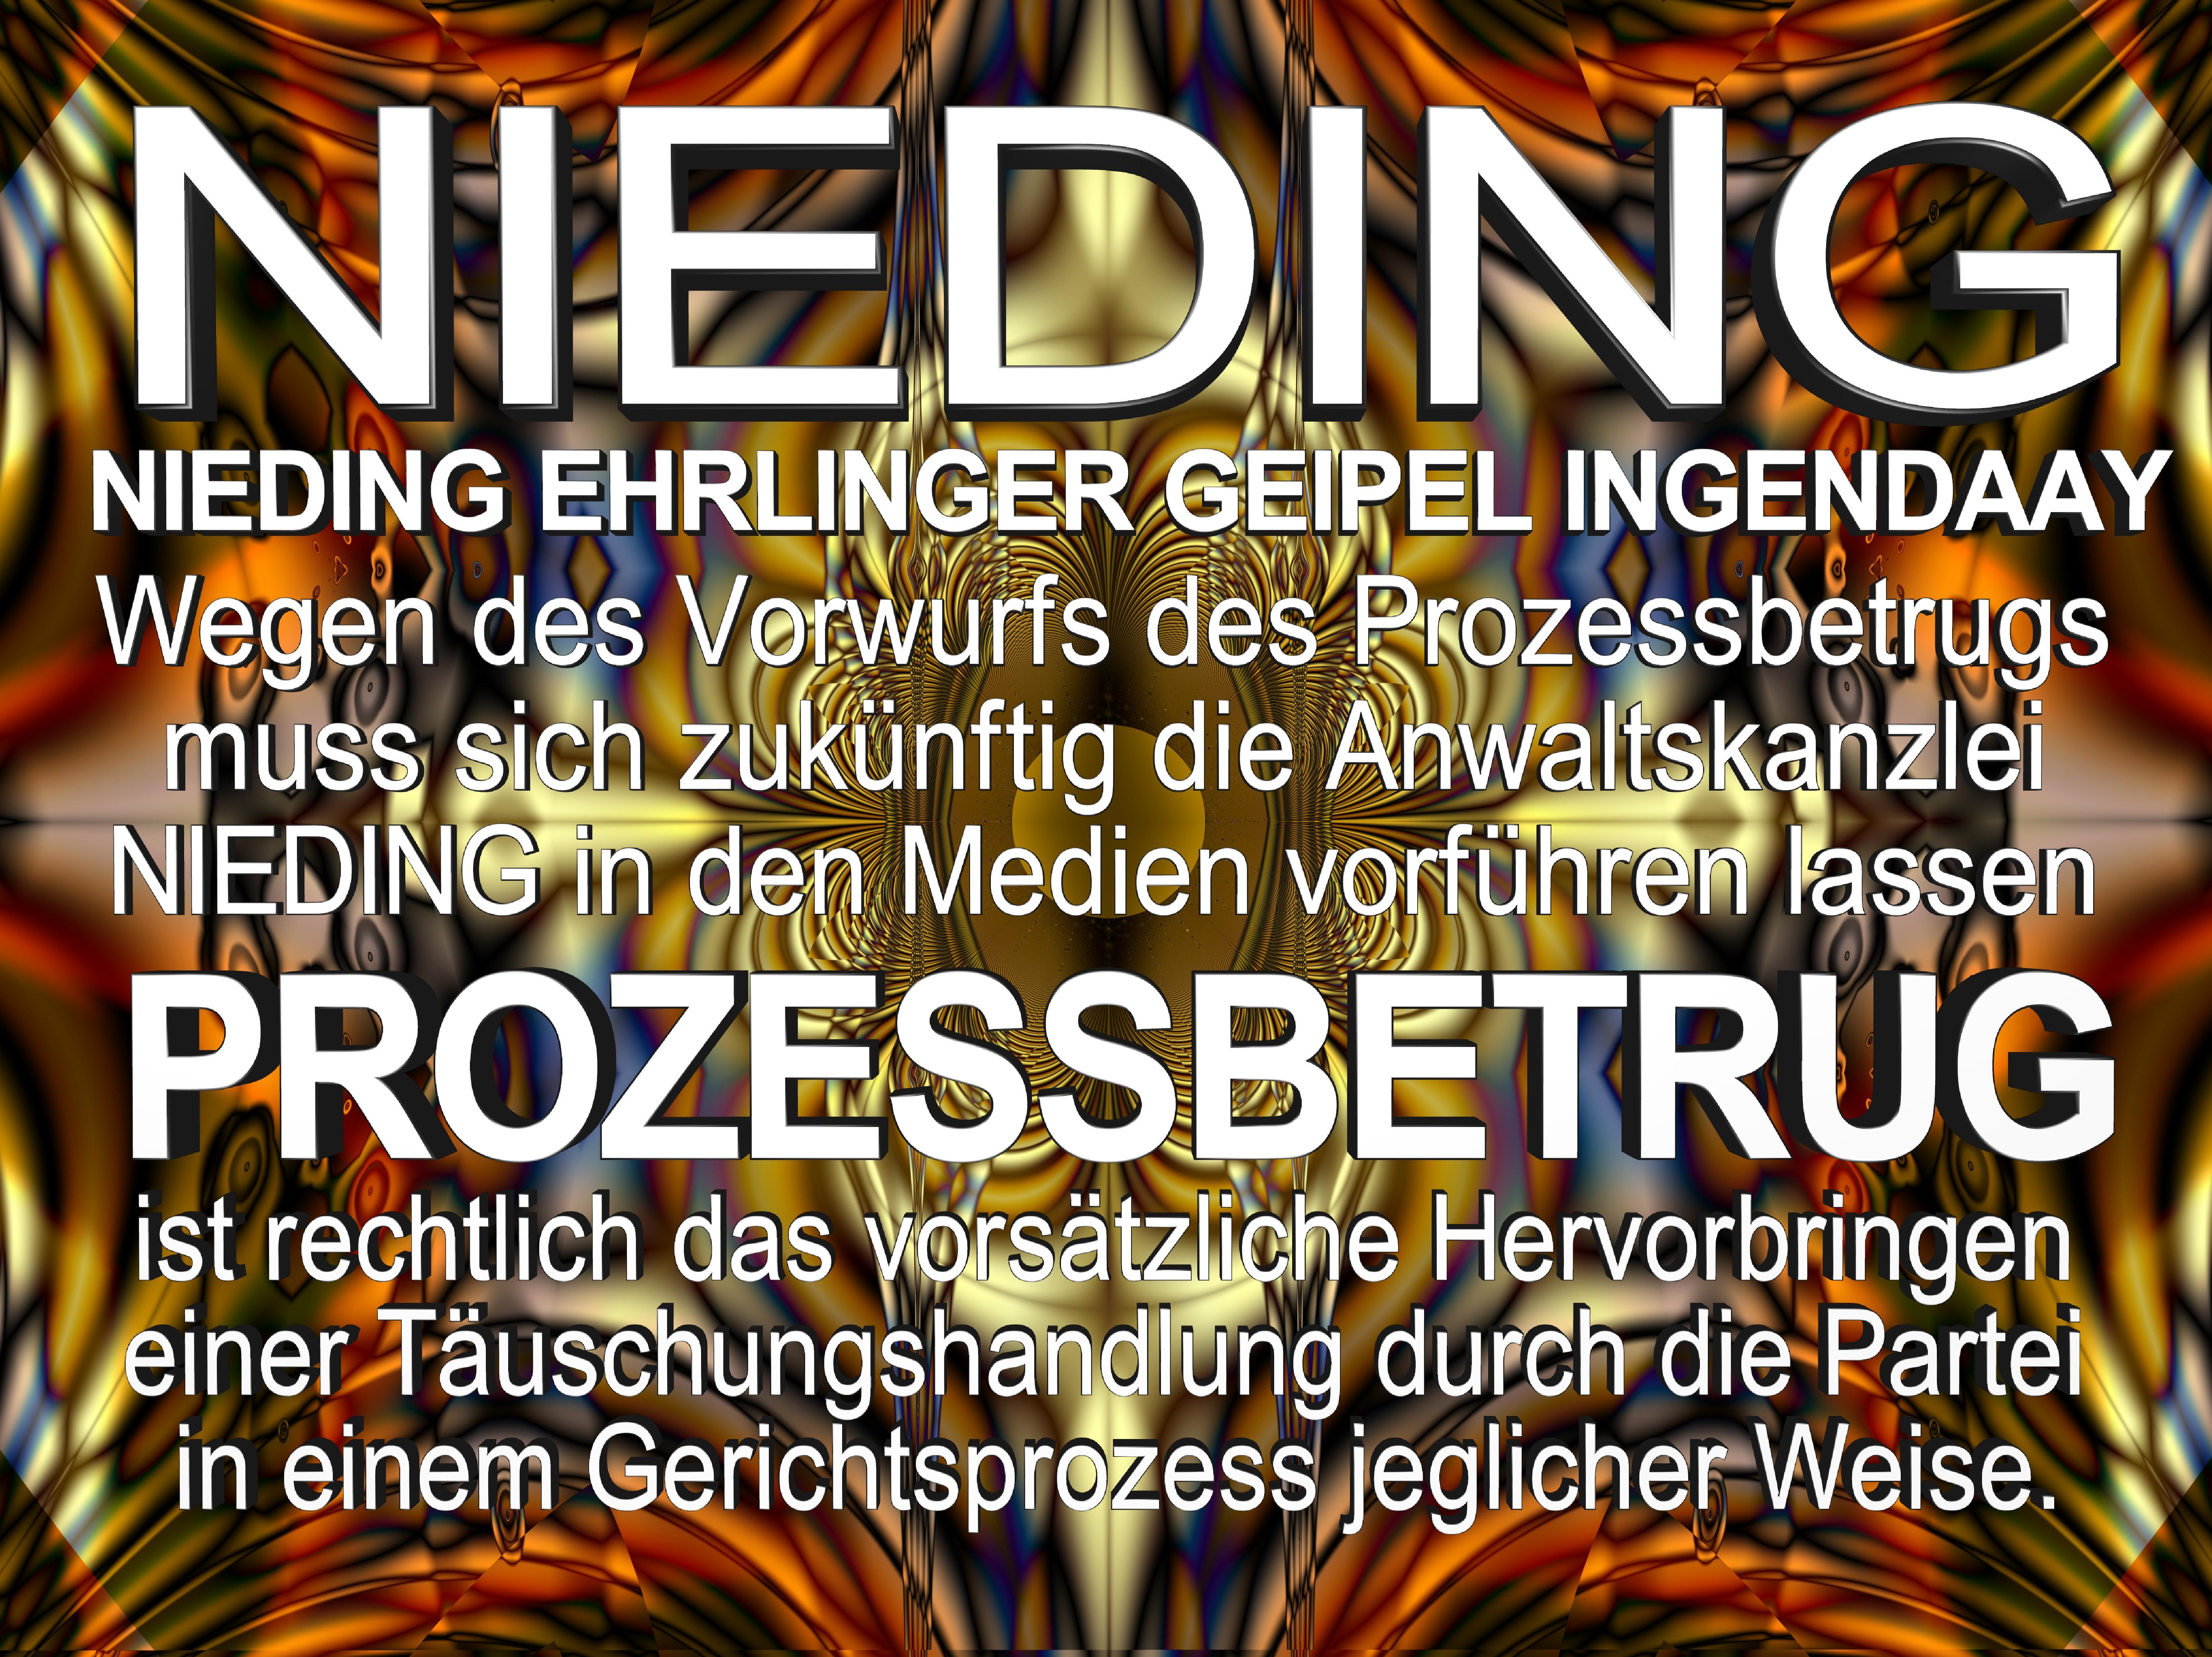 NIEDING EHRLINGER GEIPEL INGENDAAY LELKE Kurfürstendamm 66 Berlin (162)